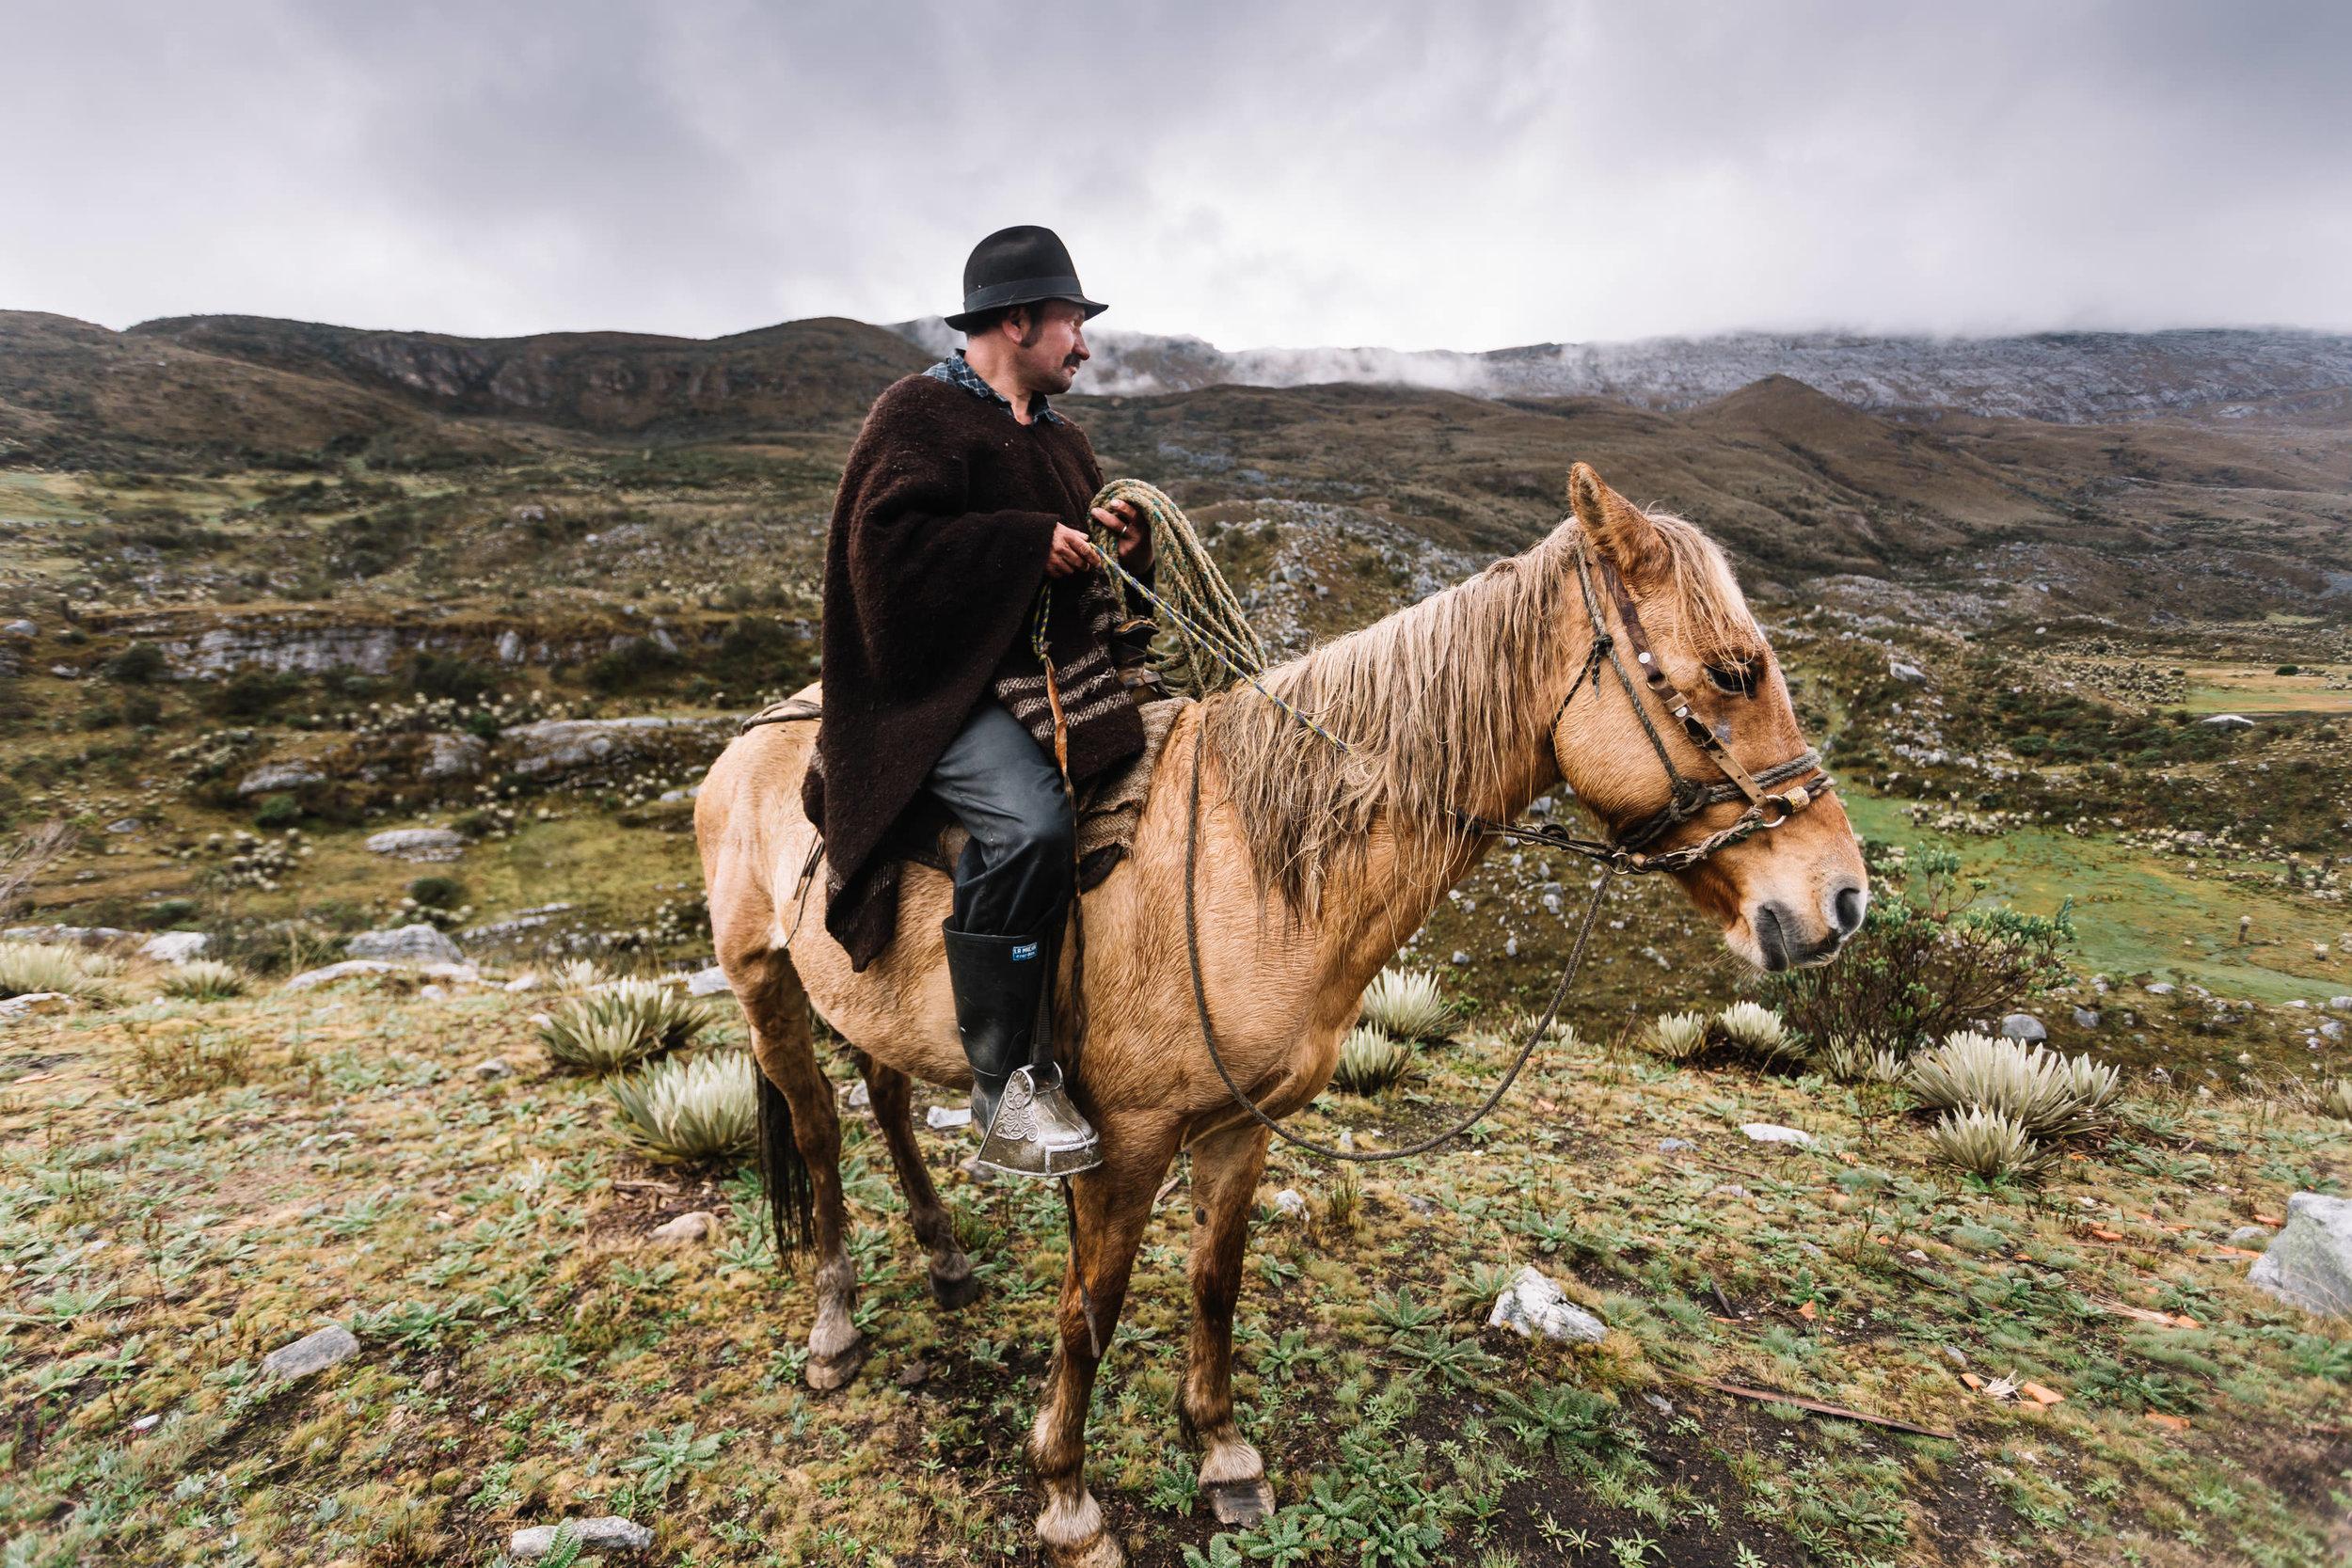 Horizonte Norte. El viaje de Juan Sisto desde Chile a Alaska en bicicleta. Laureano Herrera en el Cocuy, 2014.